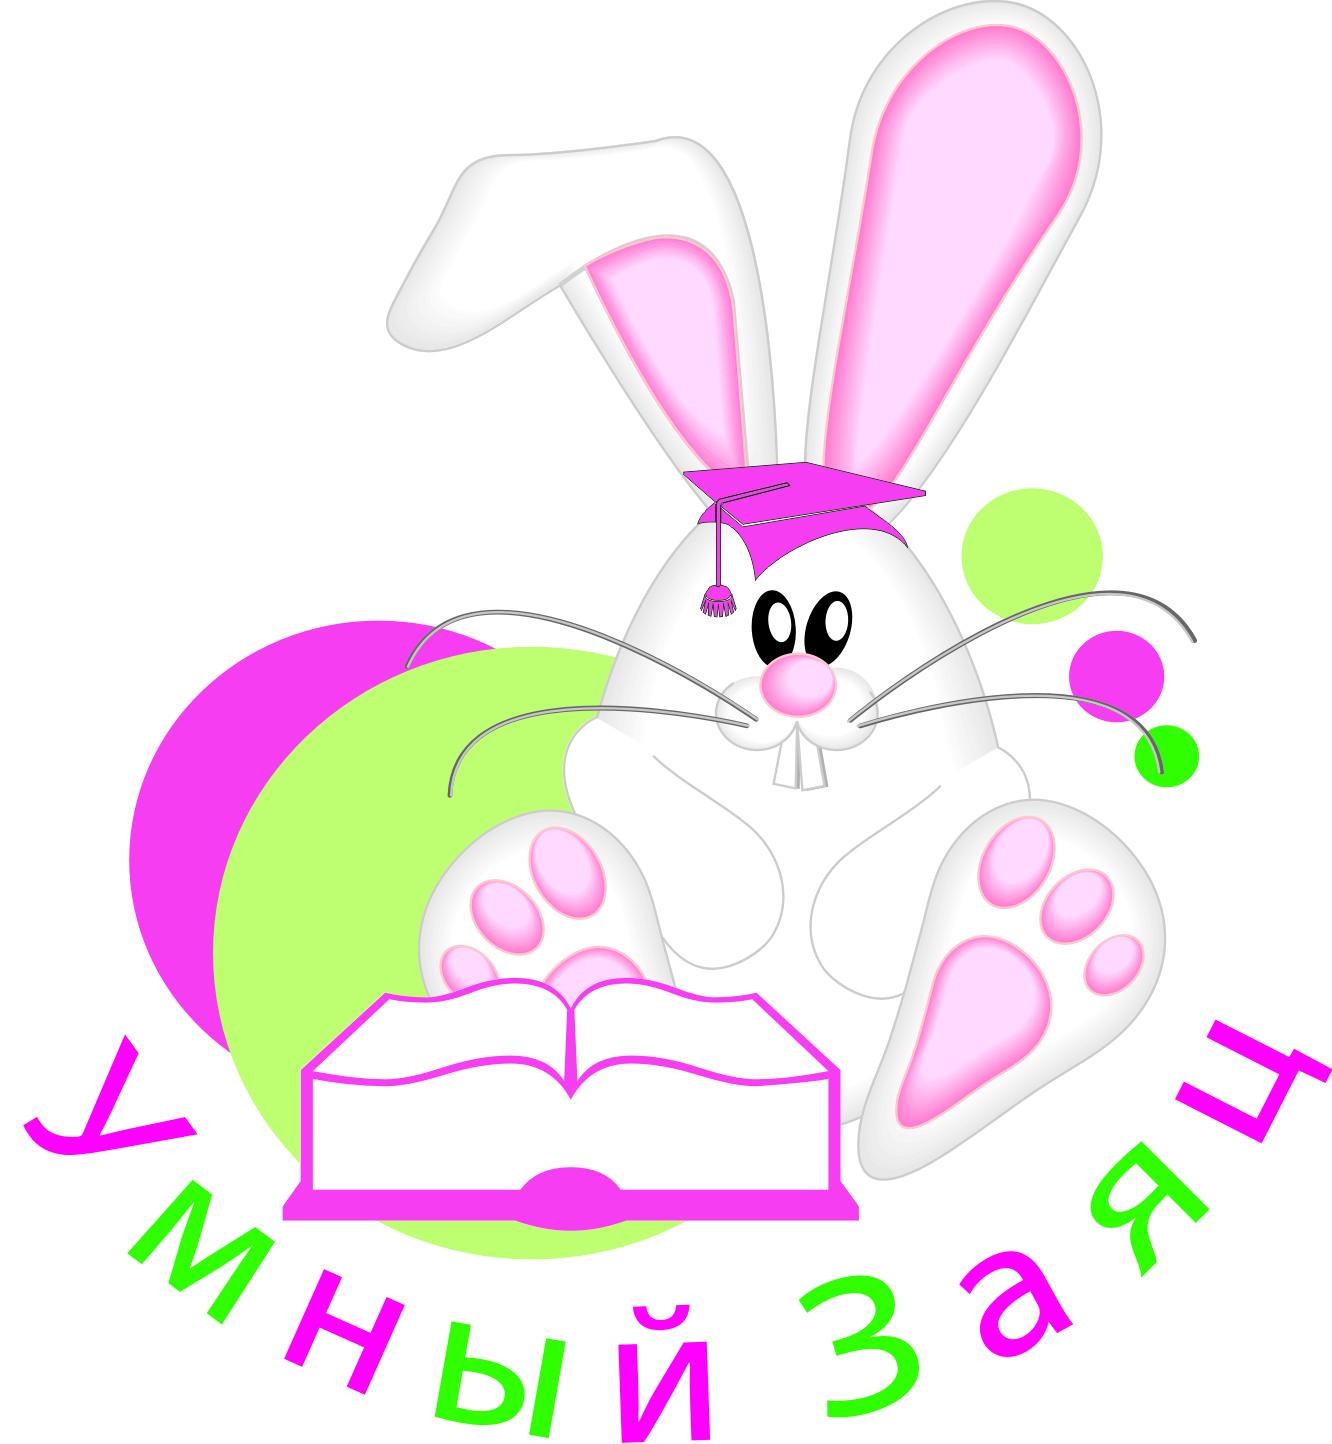 Разработать логотип и фирменный стиль детского клуба фото f_7915565b65161da4.jpg